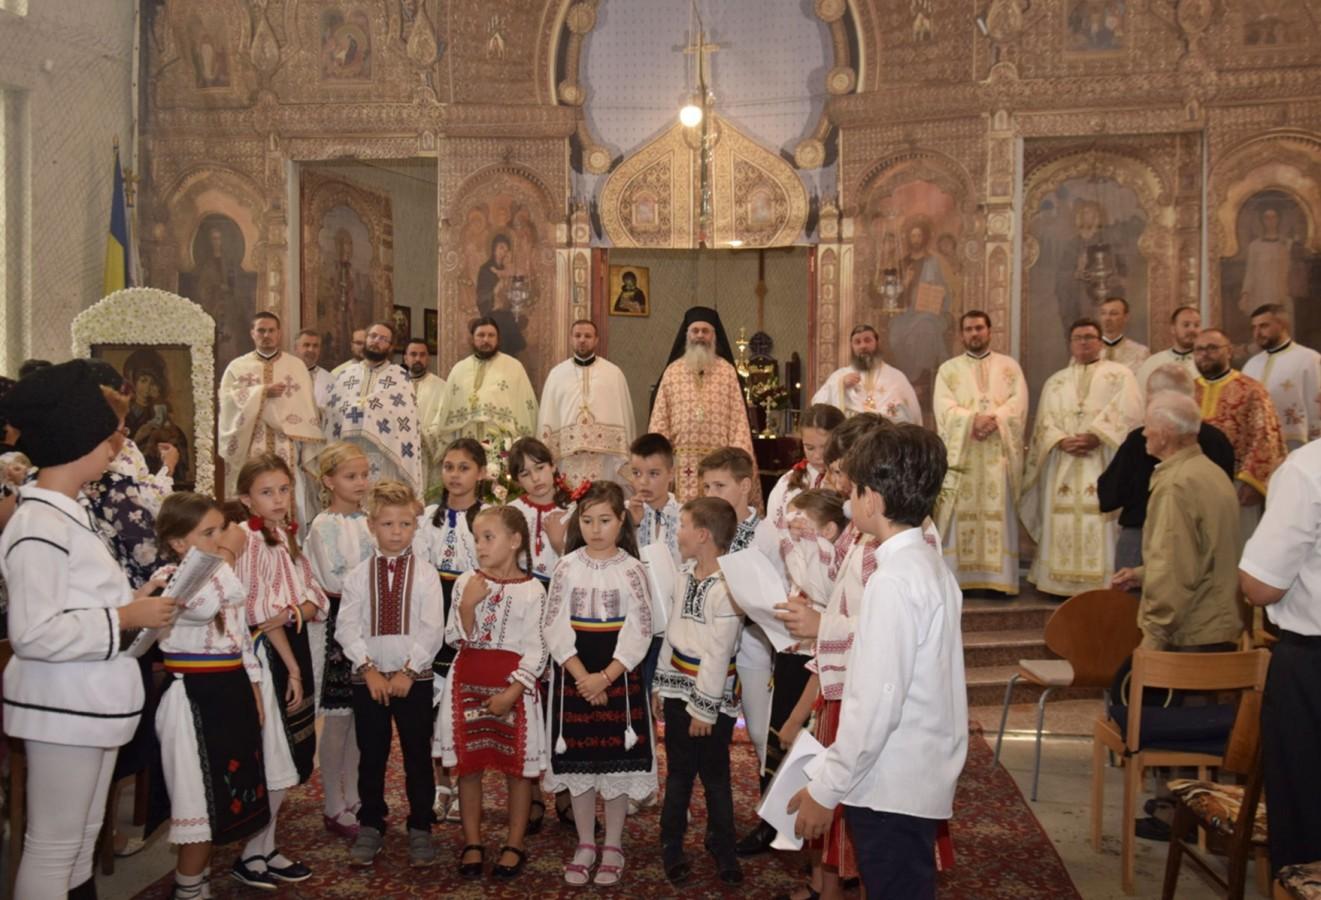 Sfinții Martiri Brâncoveni, ocrotitorii spirituali ai Parohiei Gherla III, sărbătoriți în prezența Exarhului Mănăstirilor din Arhiepiscopia Clujului